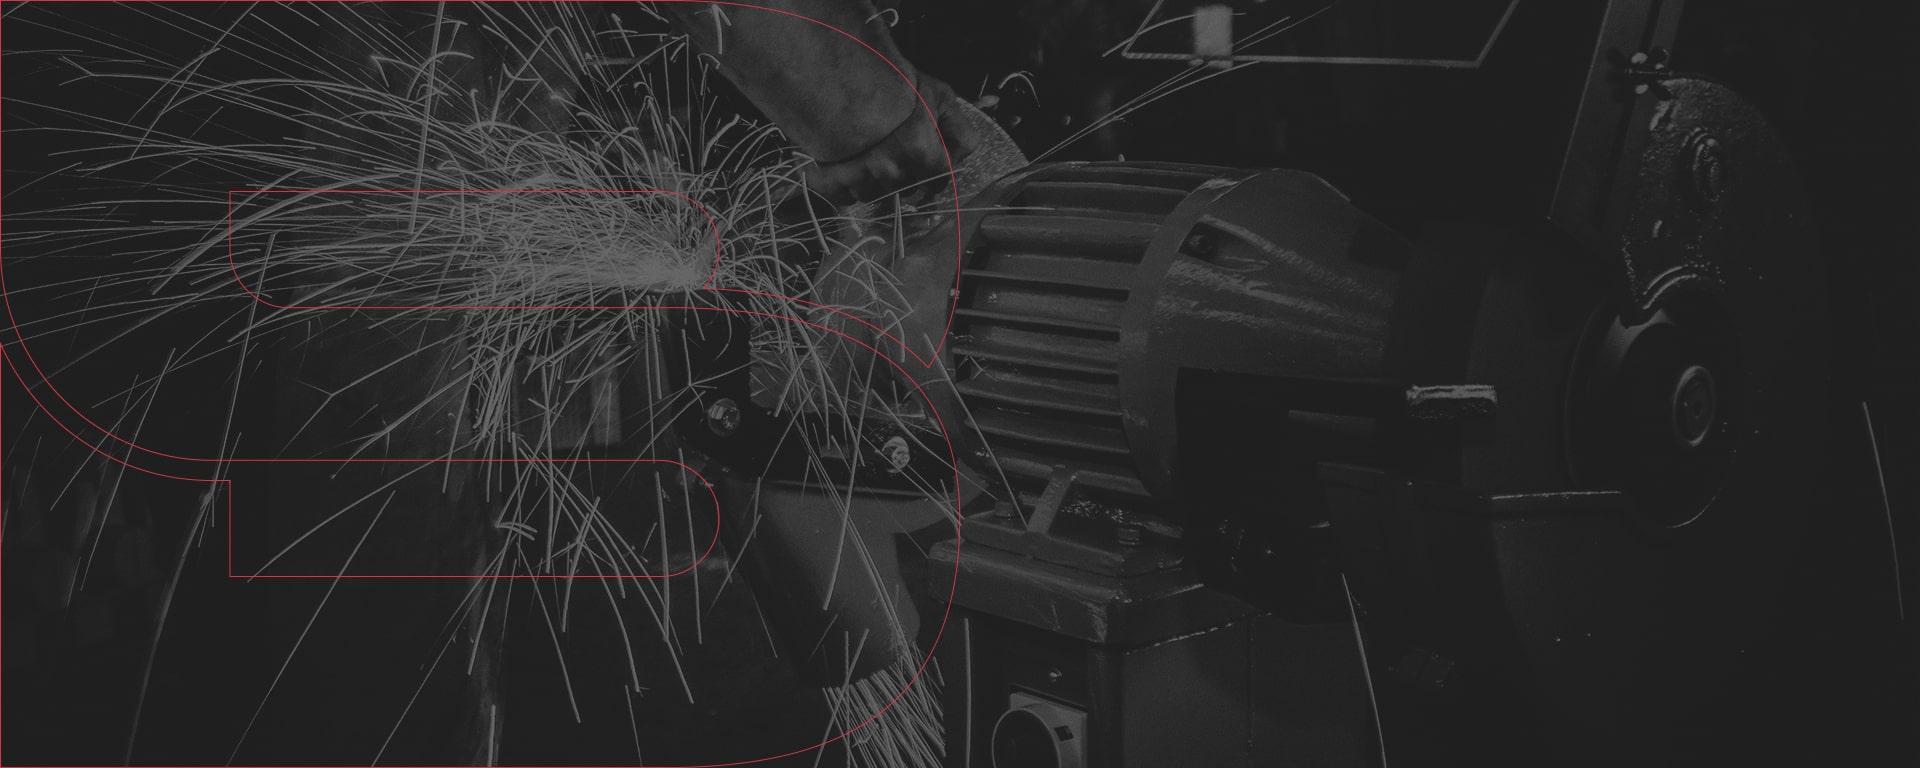 bambozzi-alternadores-grupo-geradores-solda-máquinas-talhas-moto-1